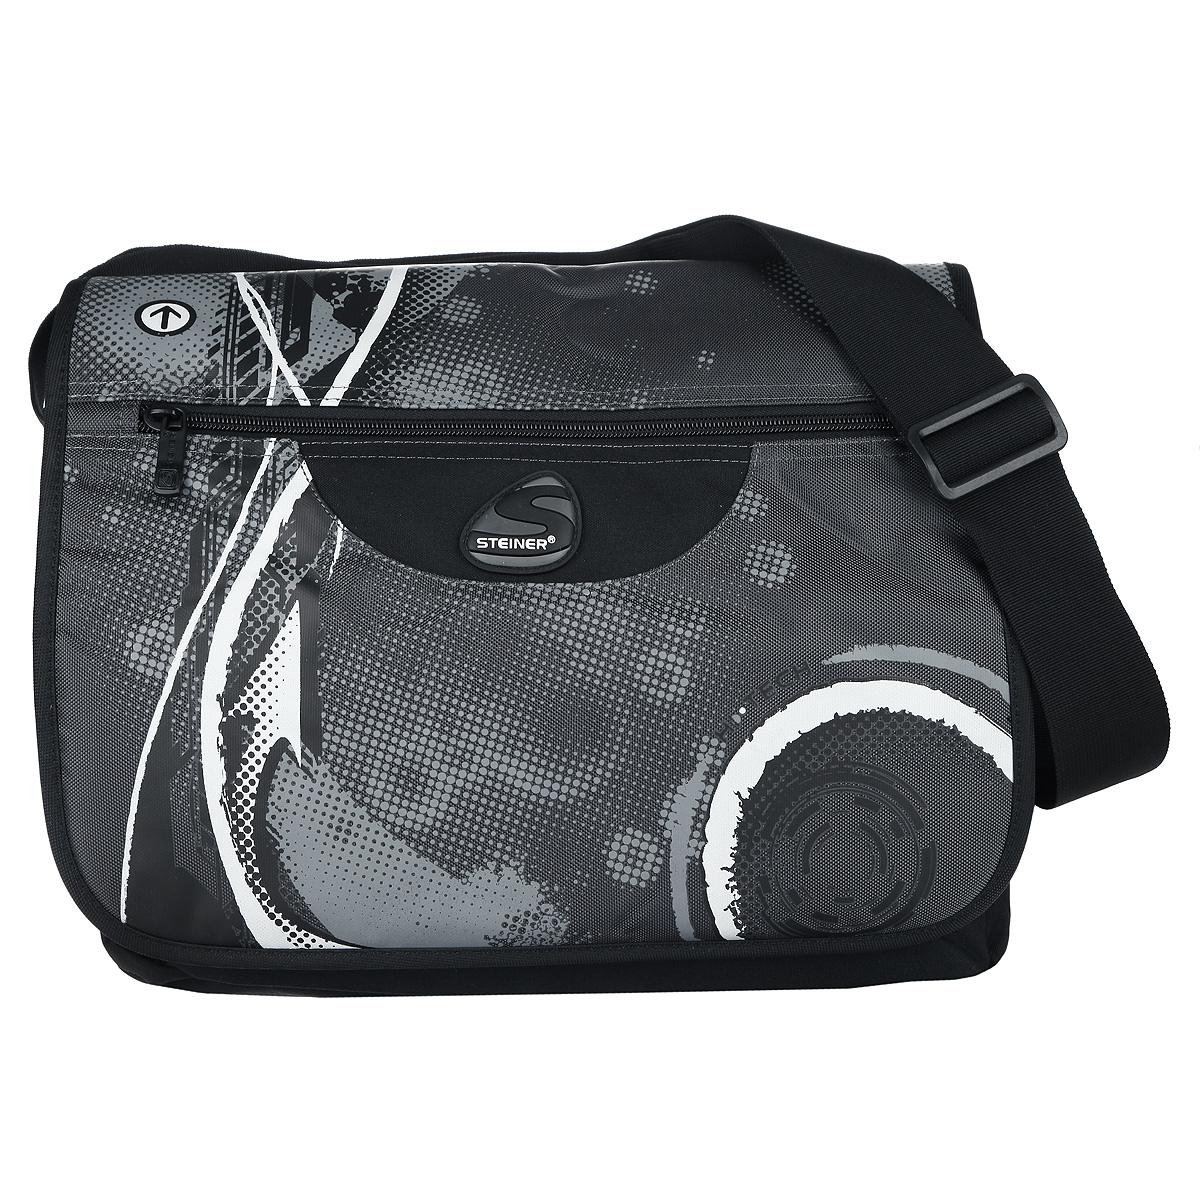 Steiner Сумка школьная черный серый72523WDПрактичная школьная сумка Steiner выполнена выполнен из современного пористого материала, отличающегося легкостью, долговечностью и повышенной влагостойкостью. Изделие оформлено принтом и дополнено брелоком в форме черепа.Сумка имеет одно основное отделение, которое закрывается на молнию и дополнительно закрывается хлястиком на липучки. Внутри главного отделения расположен нашитый карман на молнии. Снаружи, на лицевой стороне, расположен накладной карман на молнии, внутри которого размещен органайзер для письменных принадлежностей, состоящий из четырех накладных карманов. По бокам сумки размещены два дополнительных накладных кармана на резинках. На тыльной стороне сумки расположен накладной карман на молнии. С лицевой стороны расположен накладной карман на молнии.Многофункциональная школьная сумка Steiner станет незаменимым спутником вашего ребенка в походах за знаниями.